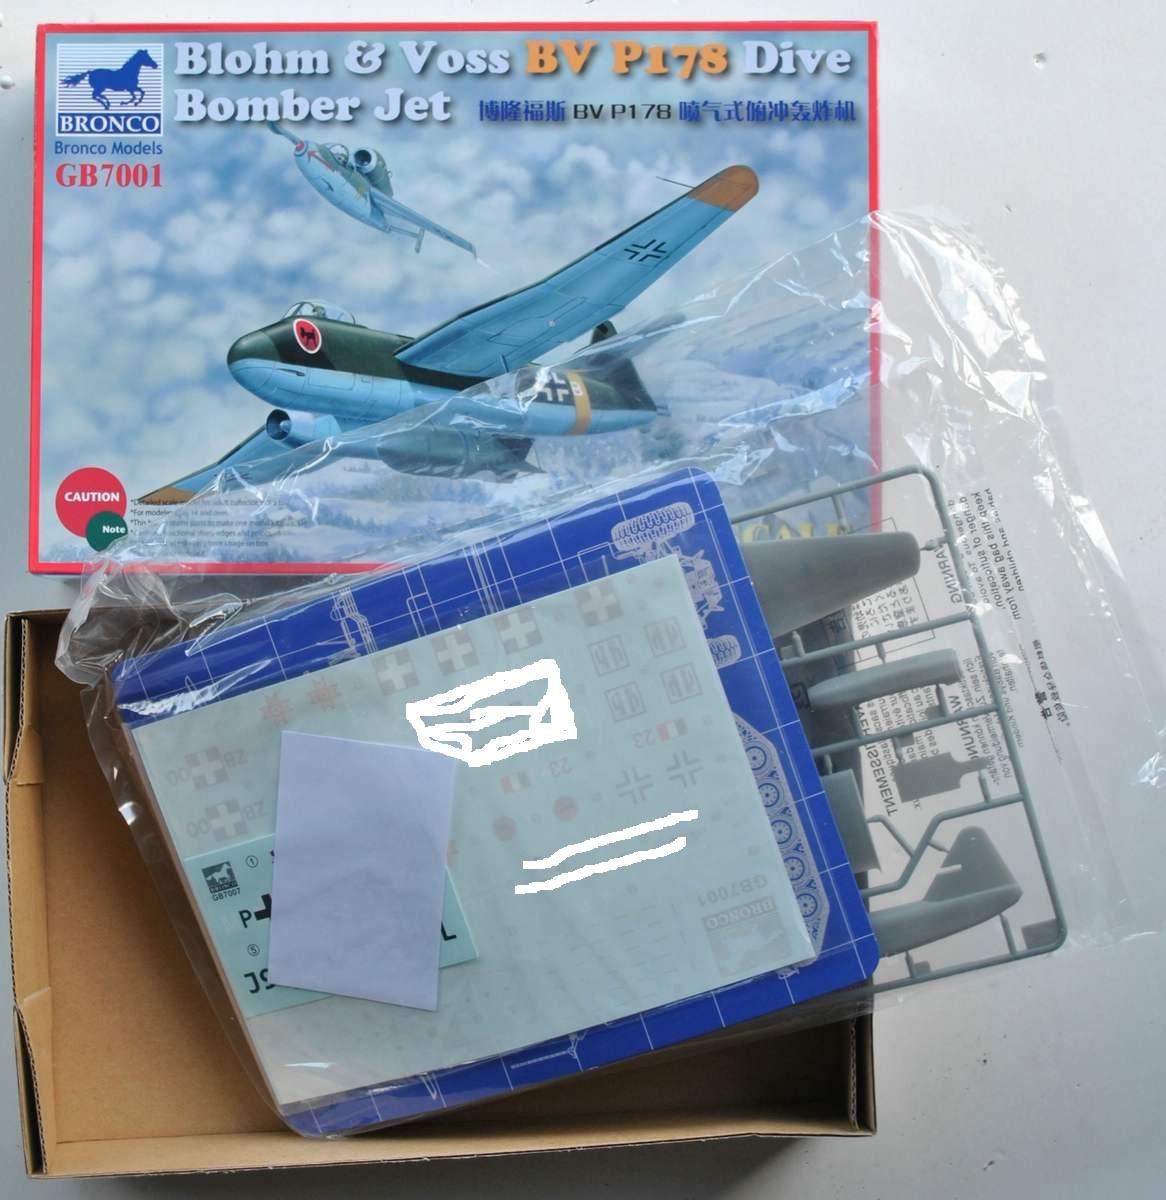 BRONCO-BV-P-178-Dive-Bomber-31 BV P 178 Dive Bomber von Bronco (1:72)